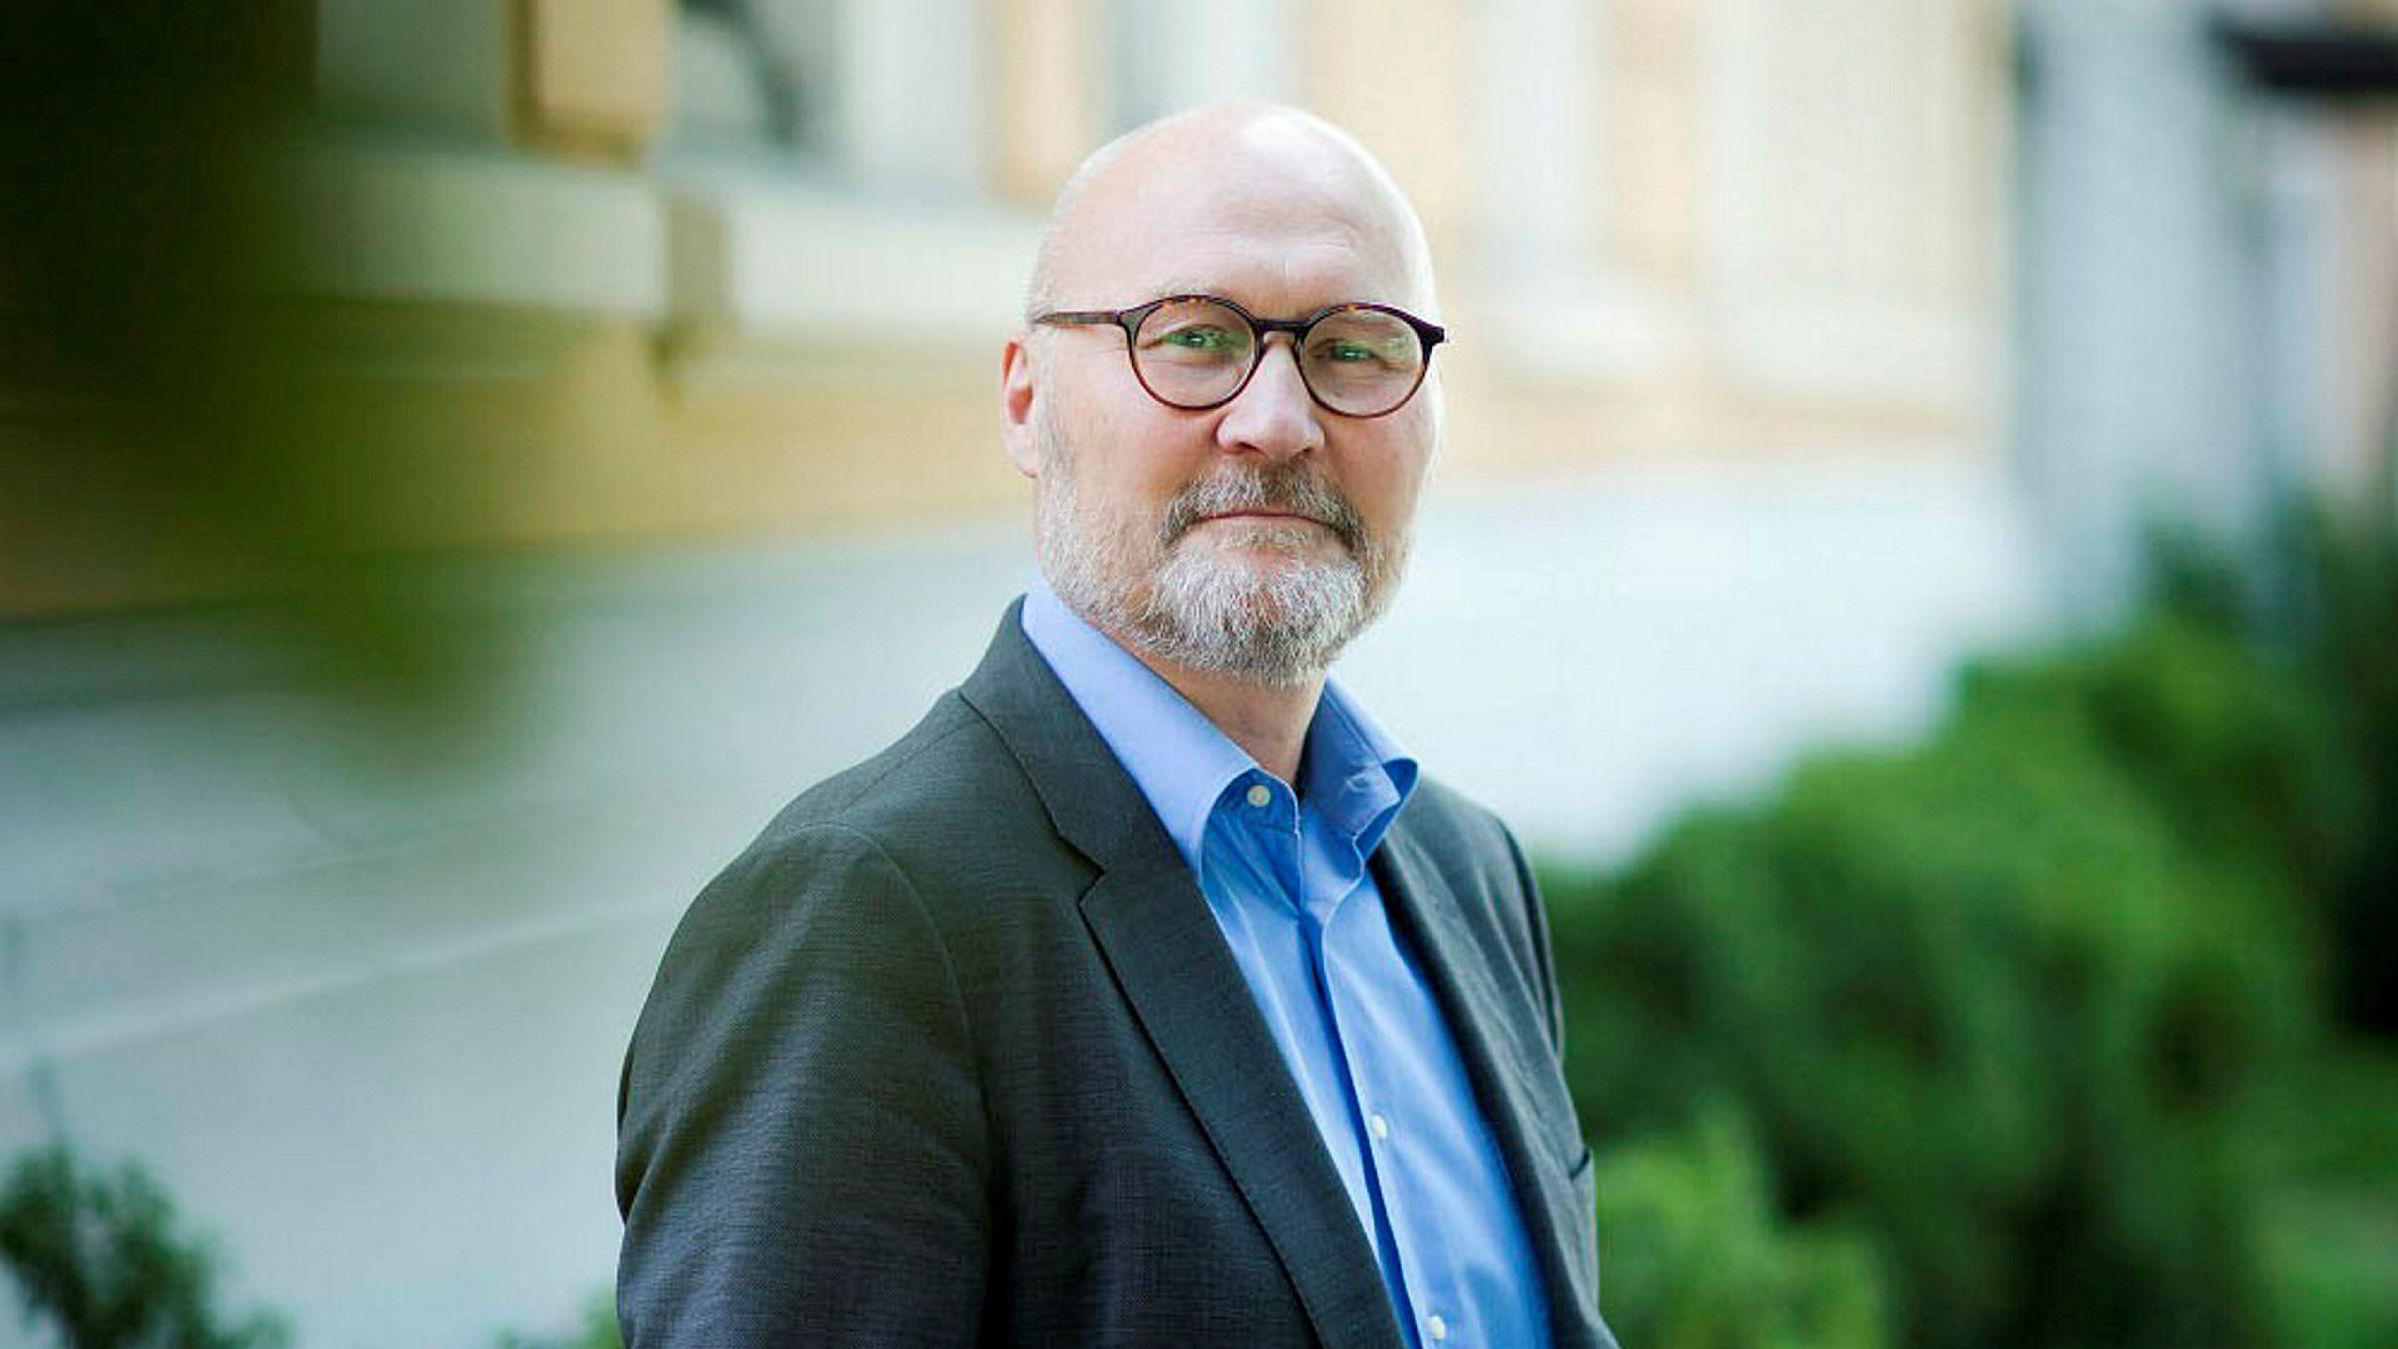 Bernt S. Zakariassen, administrerende direktør i Verdipapirfondenes forening, tror folk flest har skjønt at det ikke nytter å time markedene.